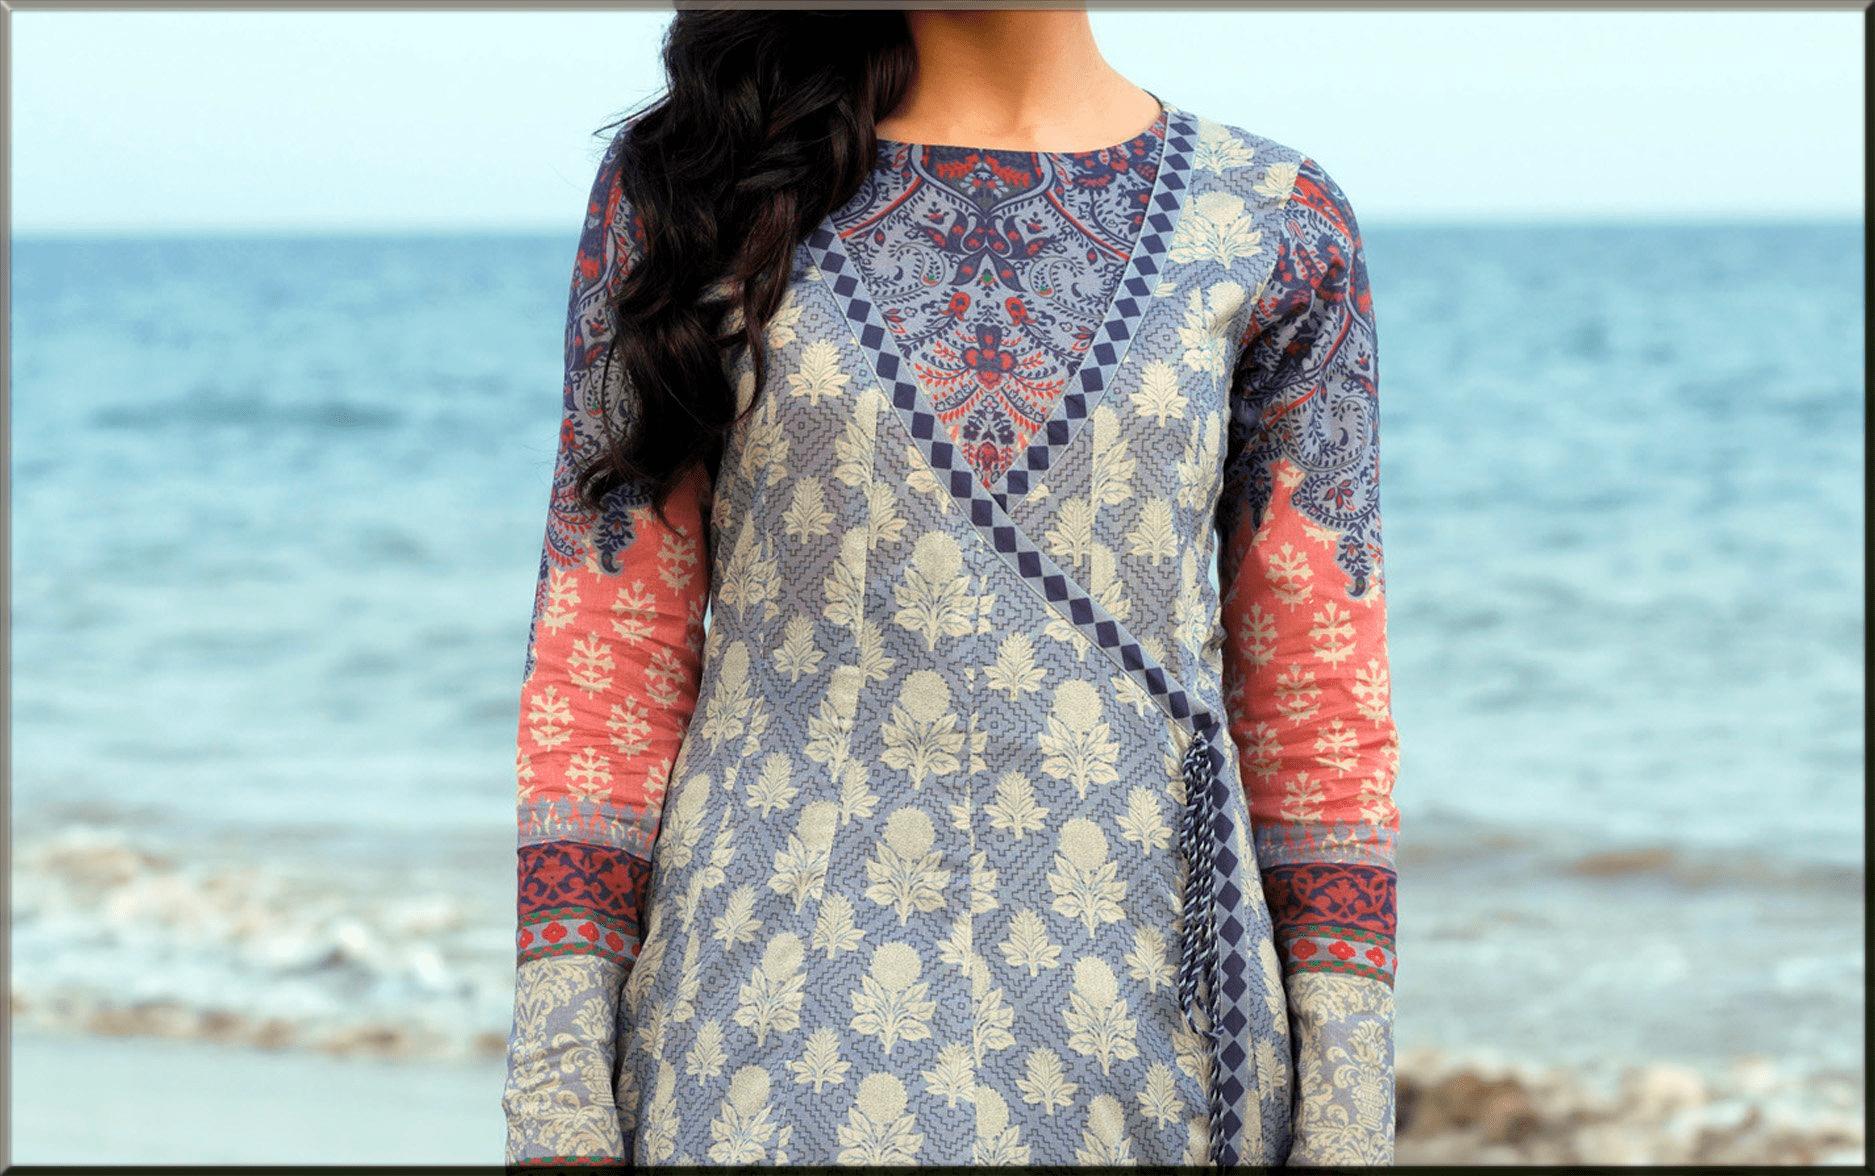 Lawn Dresses Stitching Designs of neckline